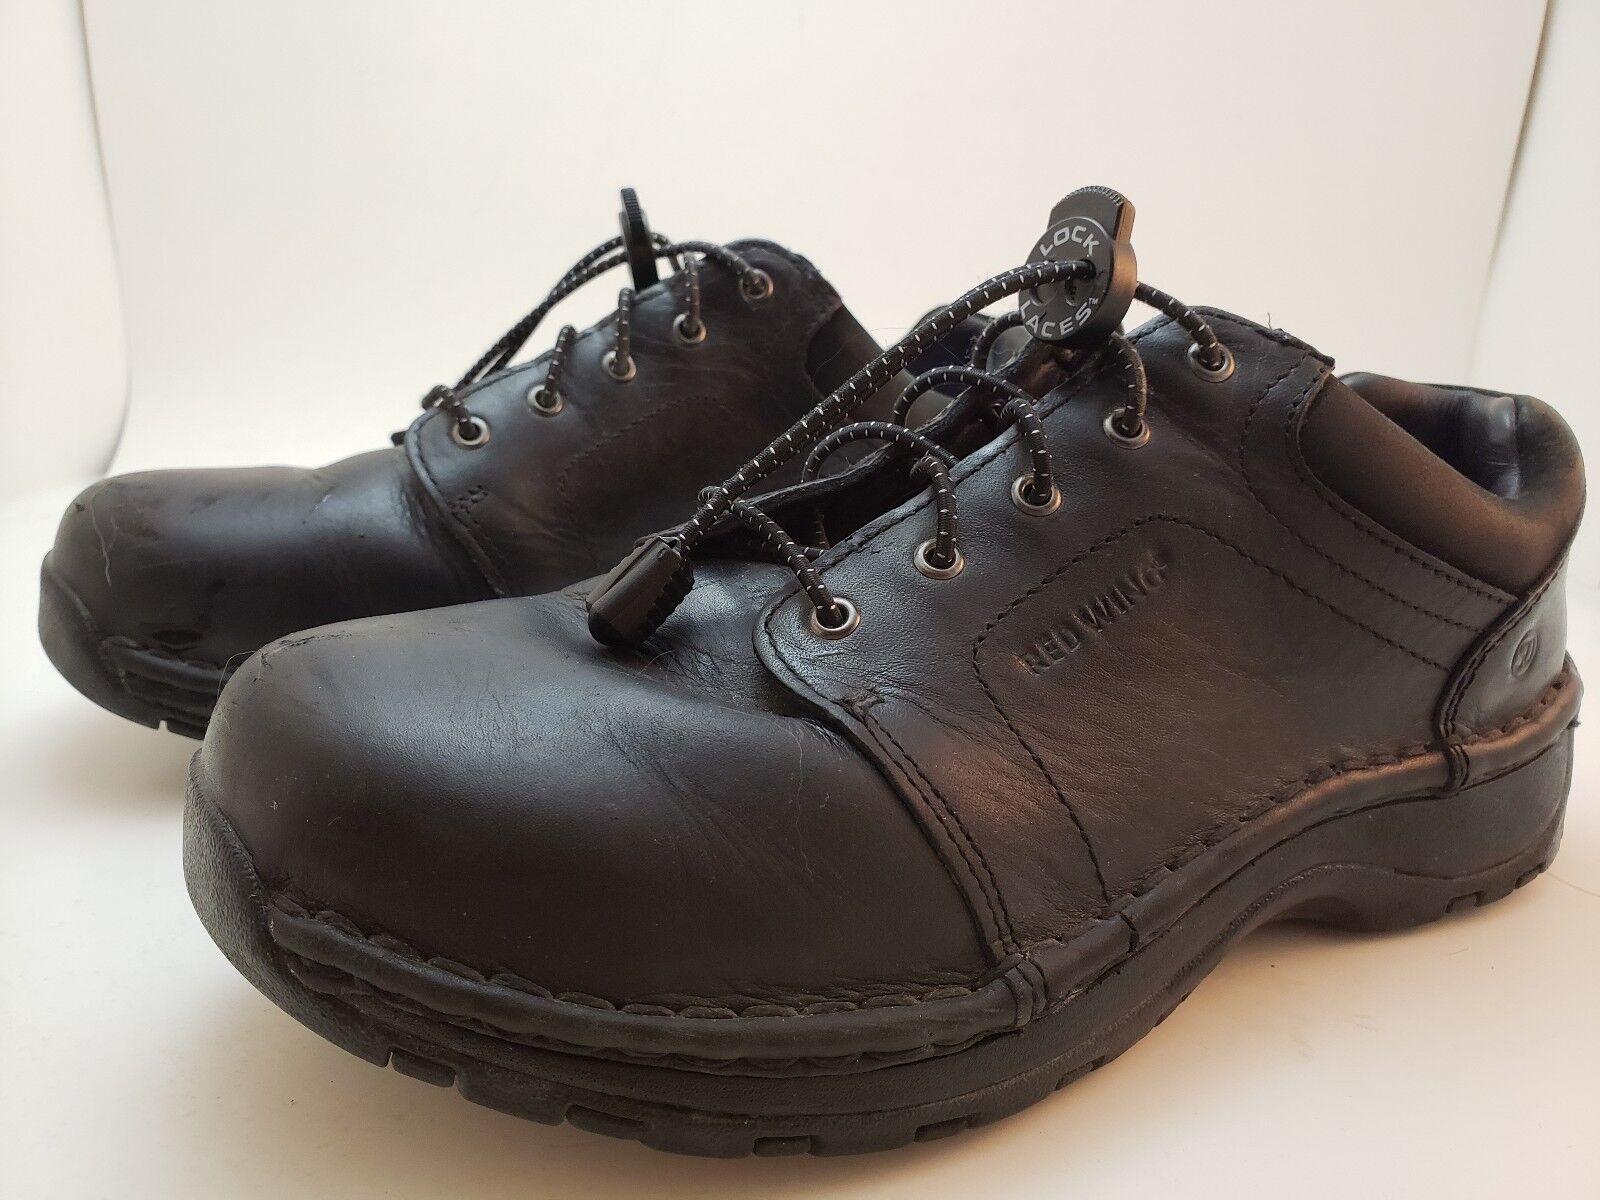 rojo Wing Oxford Zapatos para mujer Talla 8 Cuero Cuero Cuero Negro Puntera De Acero Antideslizante  1623  calidad auténtica